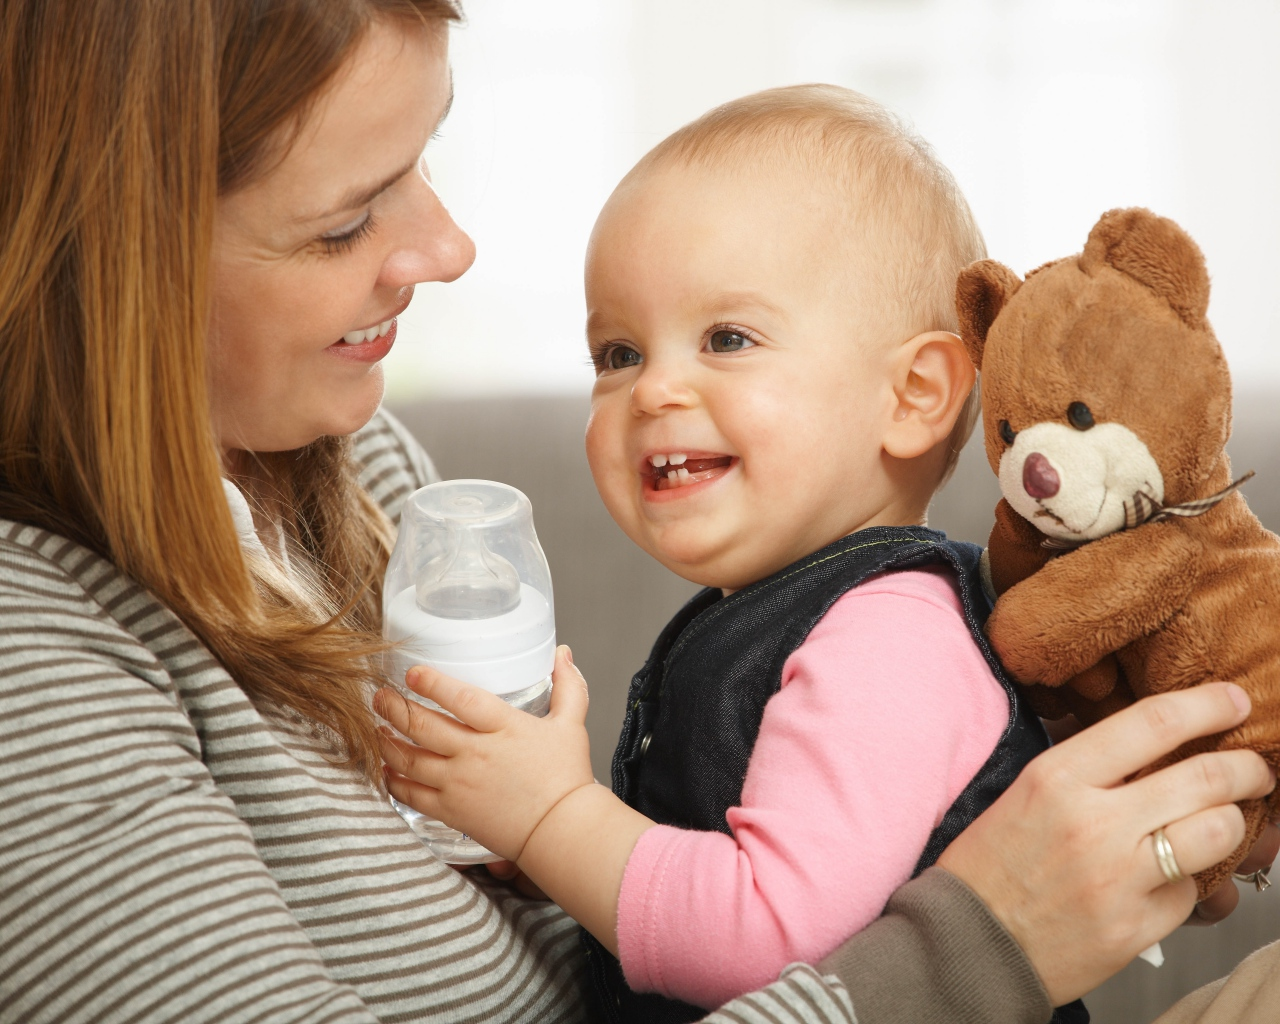 調乳をはじめる!ママさんと赤ちゃんの為の正しい調乳の仕方